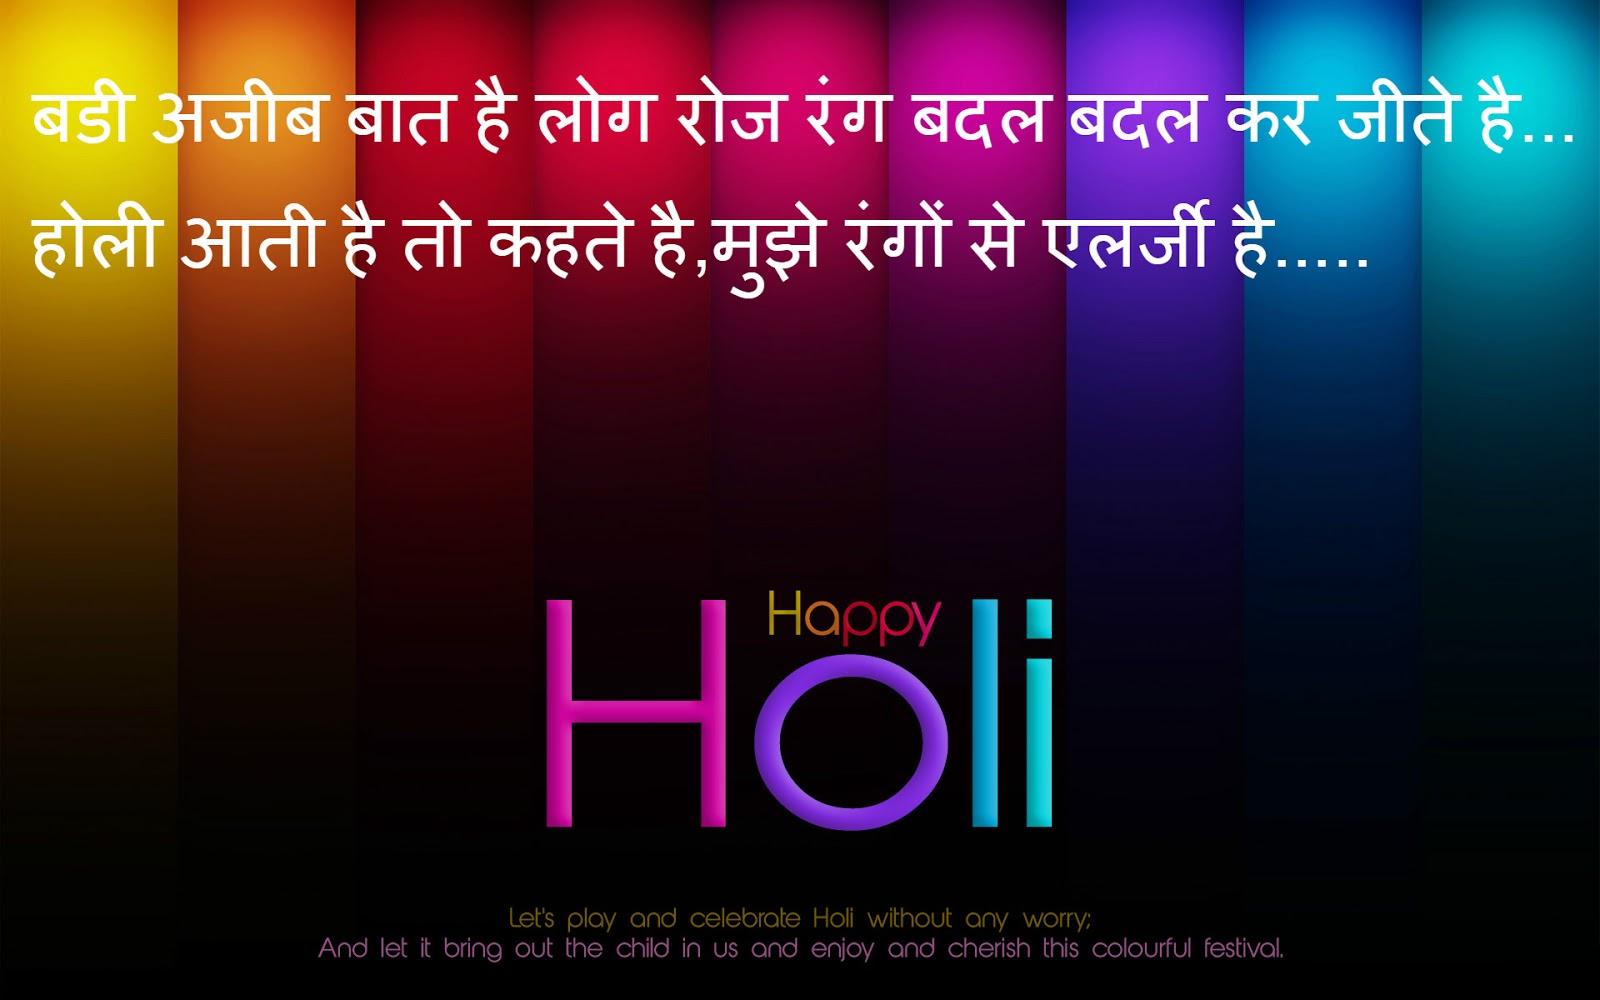 Holi%2Bshayari%2Bimage333333333333333333333333333333333333%2B%25281%2529 - Best Shayari images of holi 50+